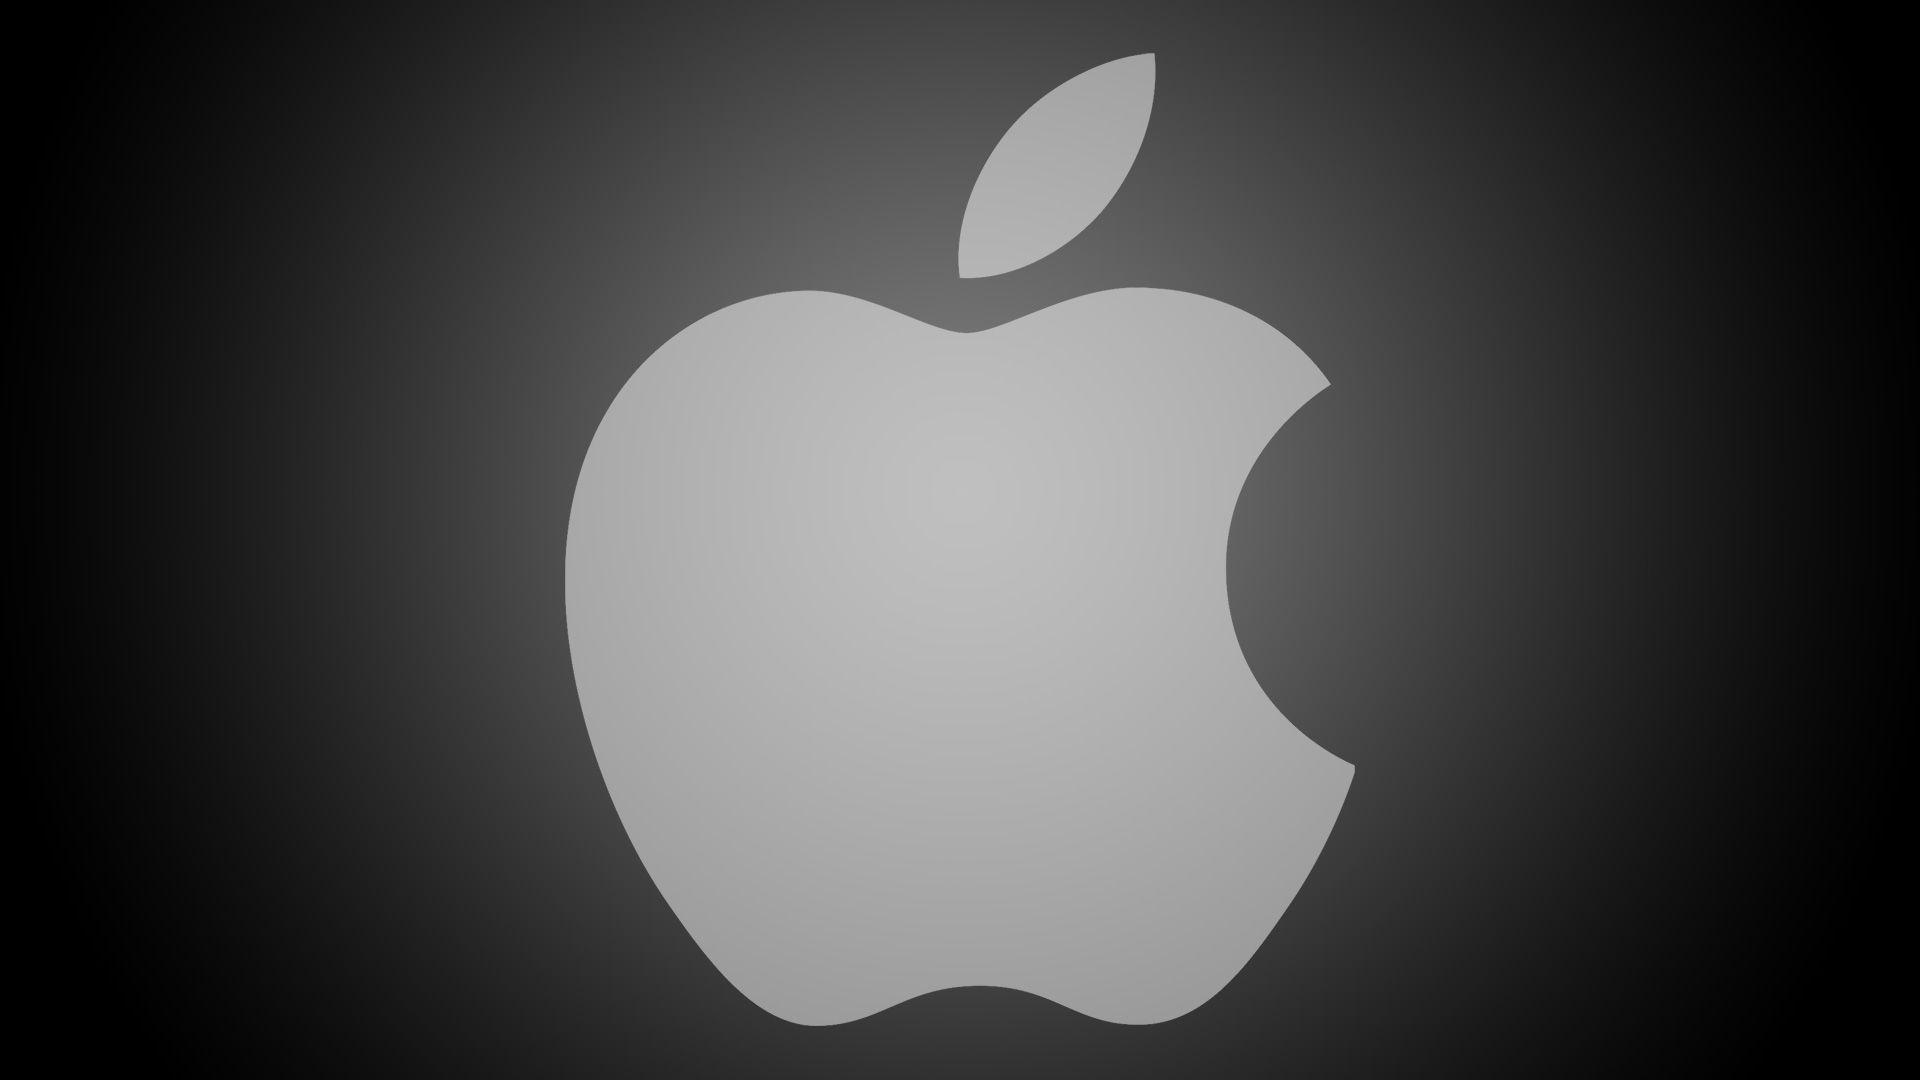 пересечении набережной картинки яблока айфон обойти области так